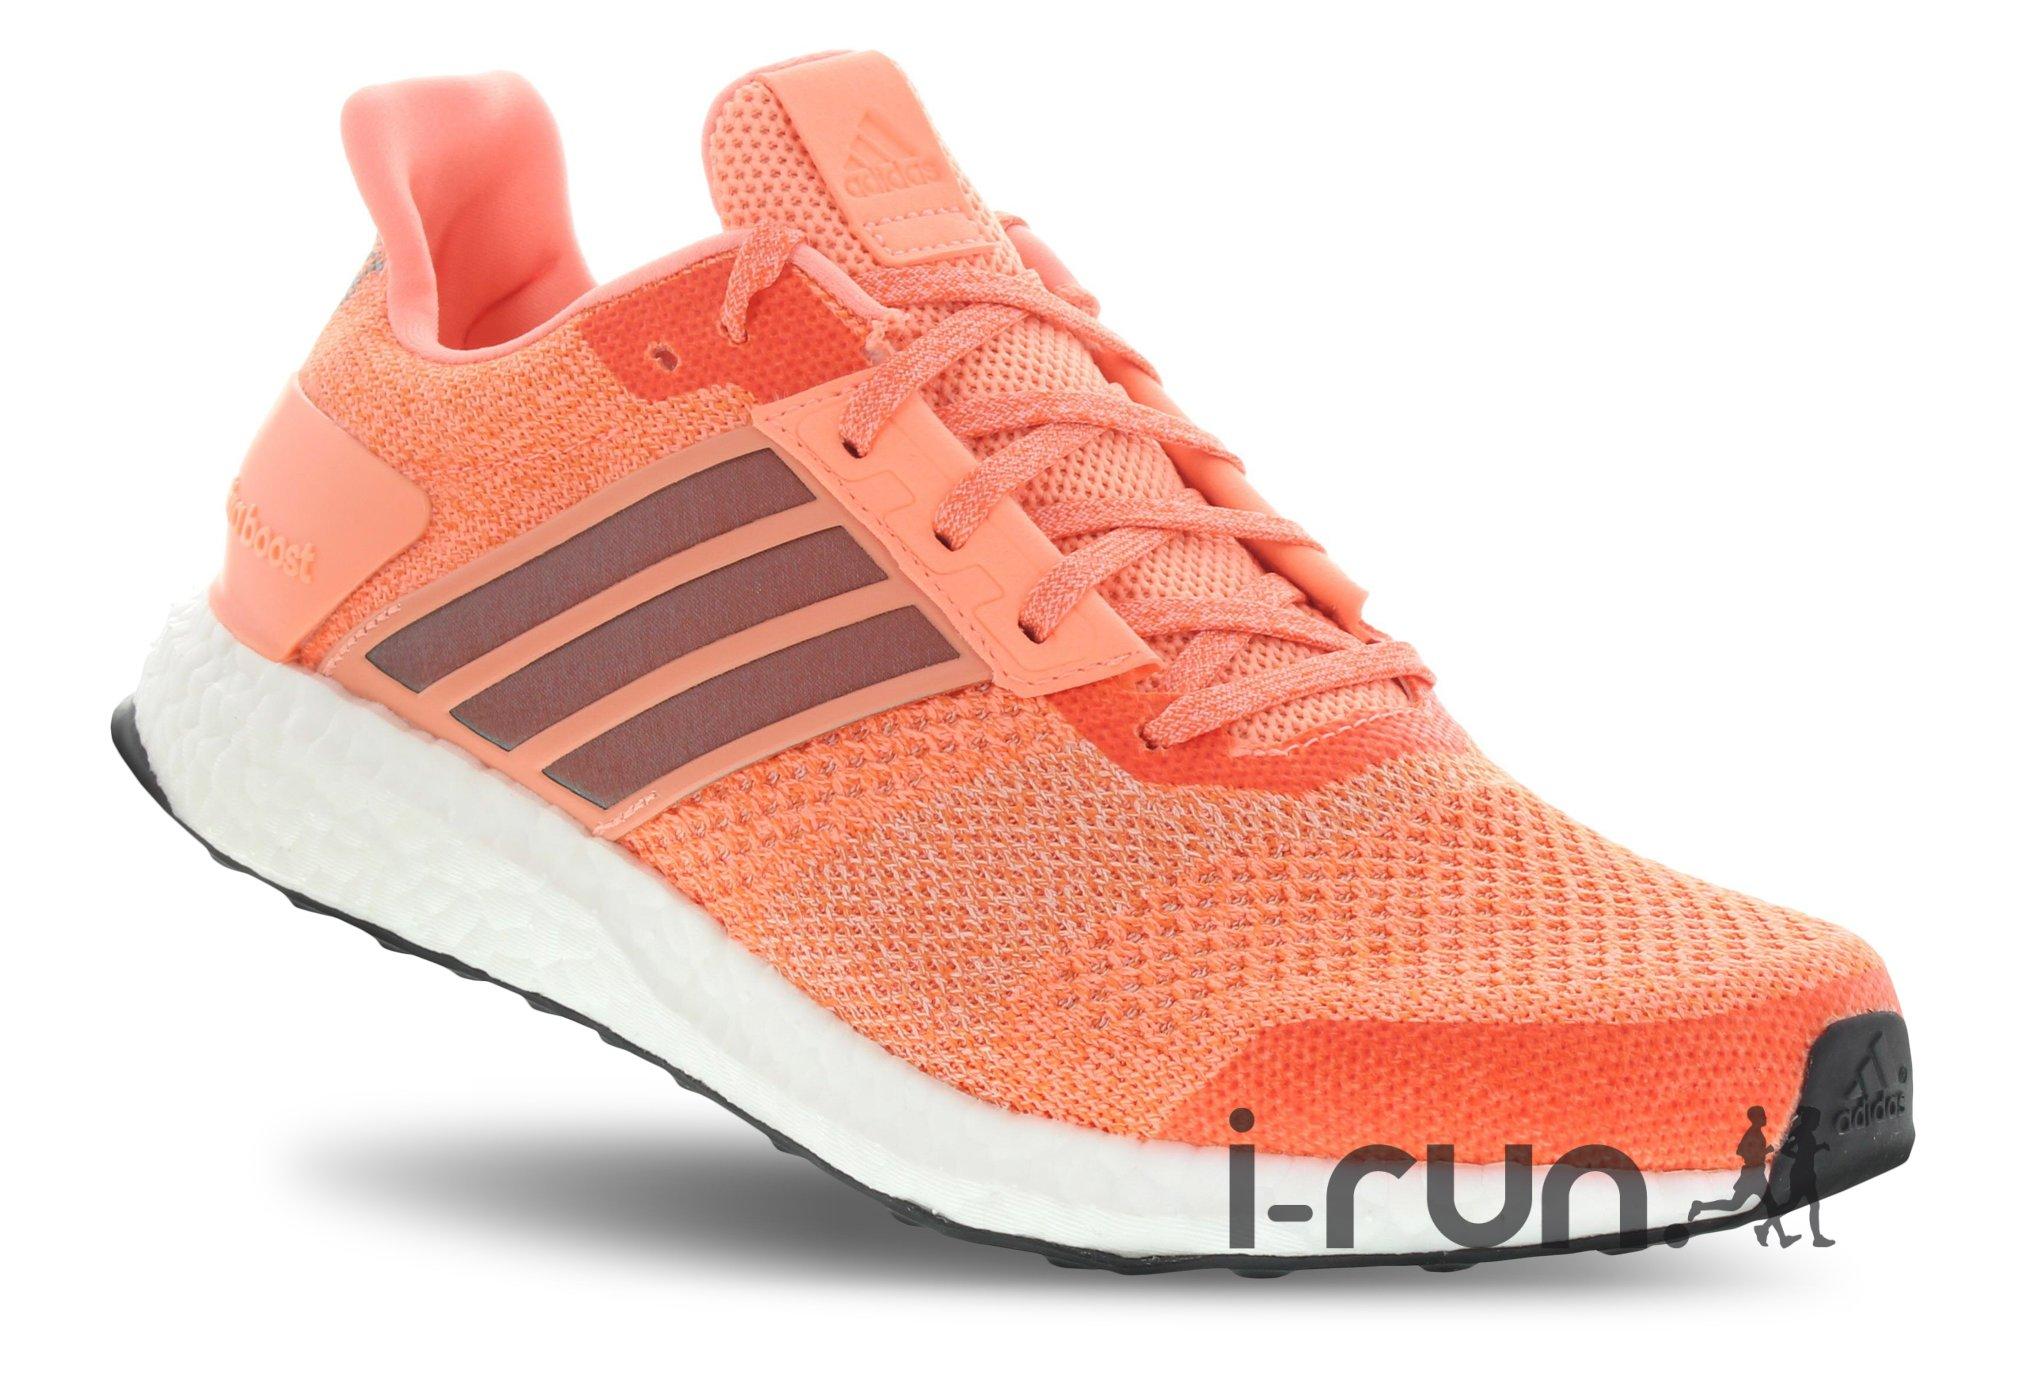 Ultra Boost Adidas St Diététique Chaussures Femme Resathlon W kOPXw8n0